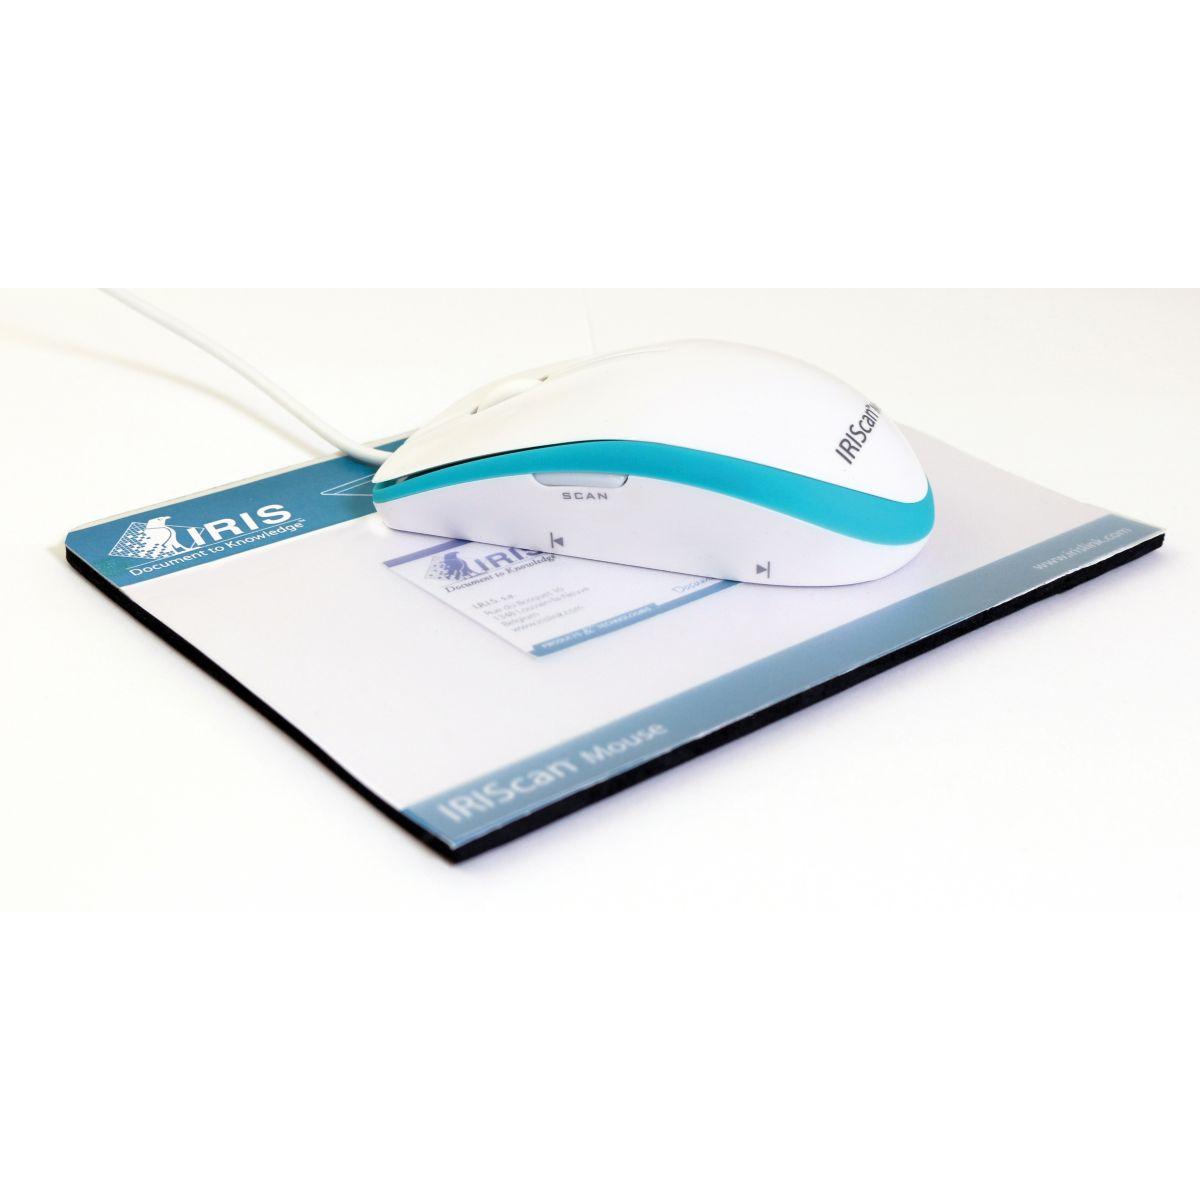 Scanner portable iris iriscan mouse executive 2 - 15% de remise immédiate avec le code : wd15 (photo)